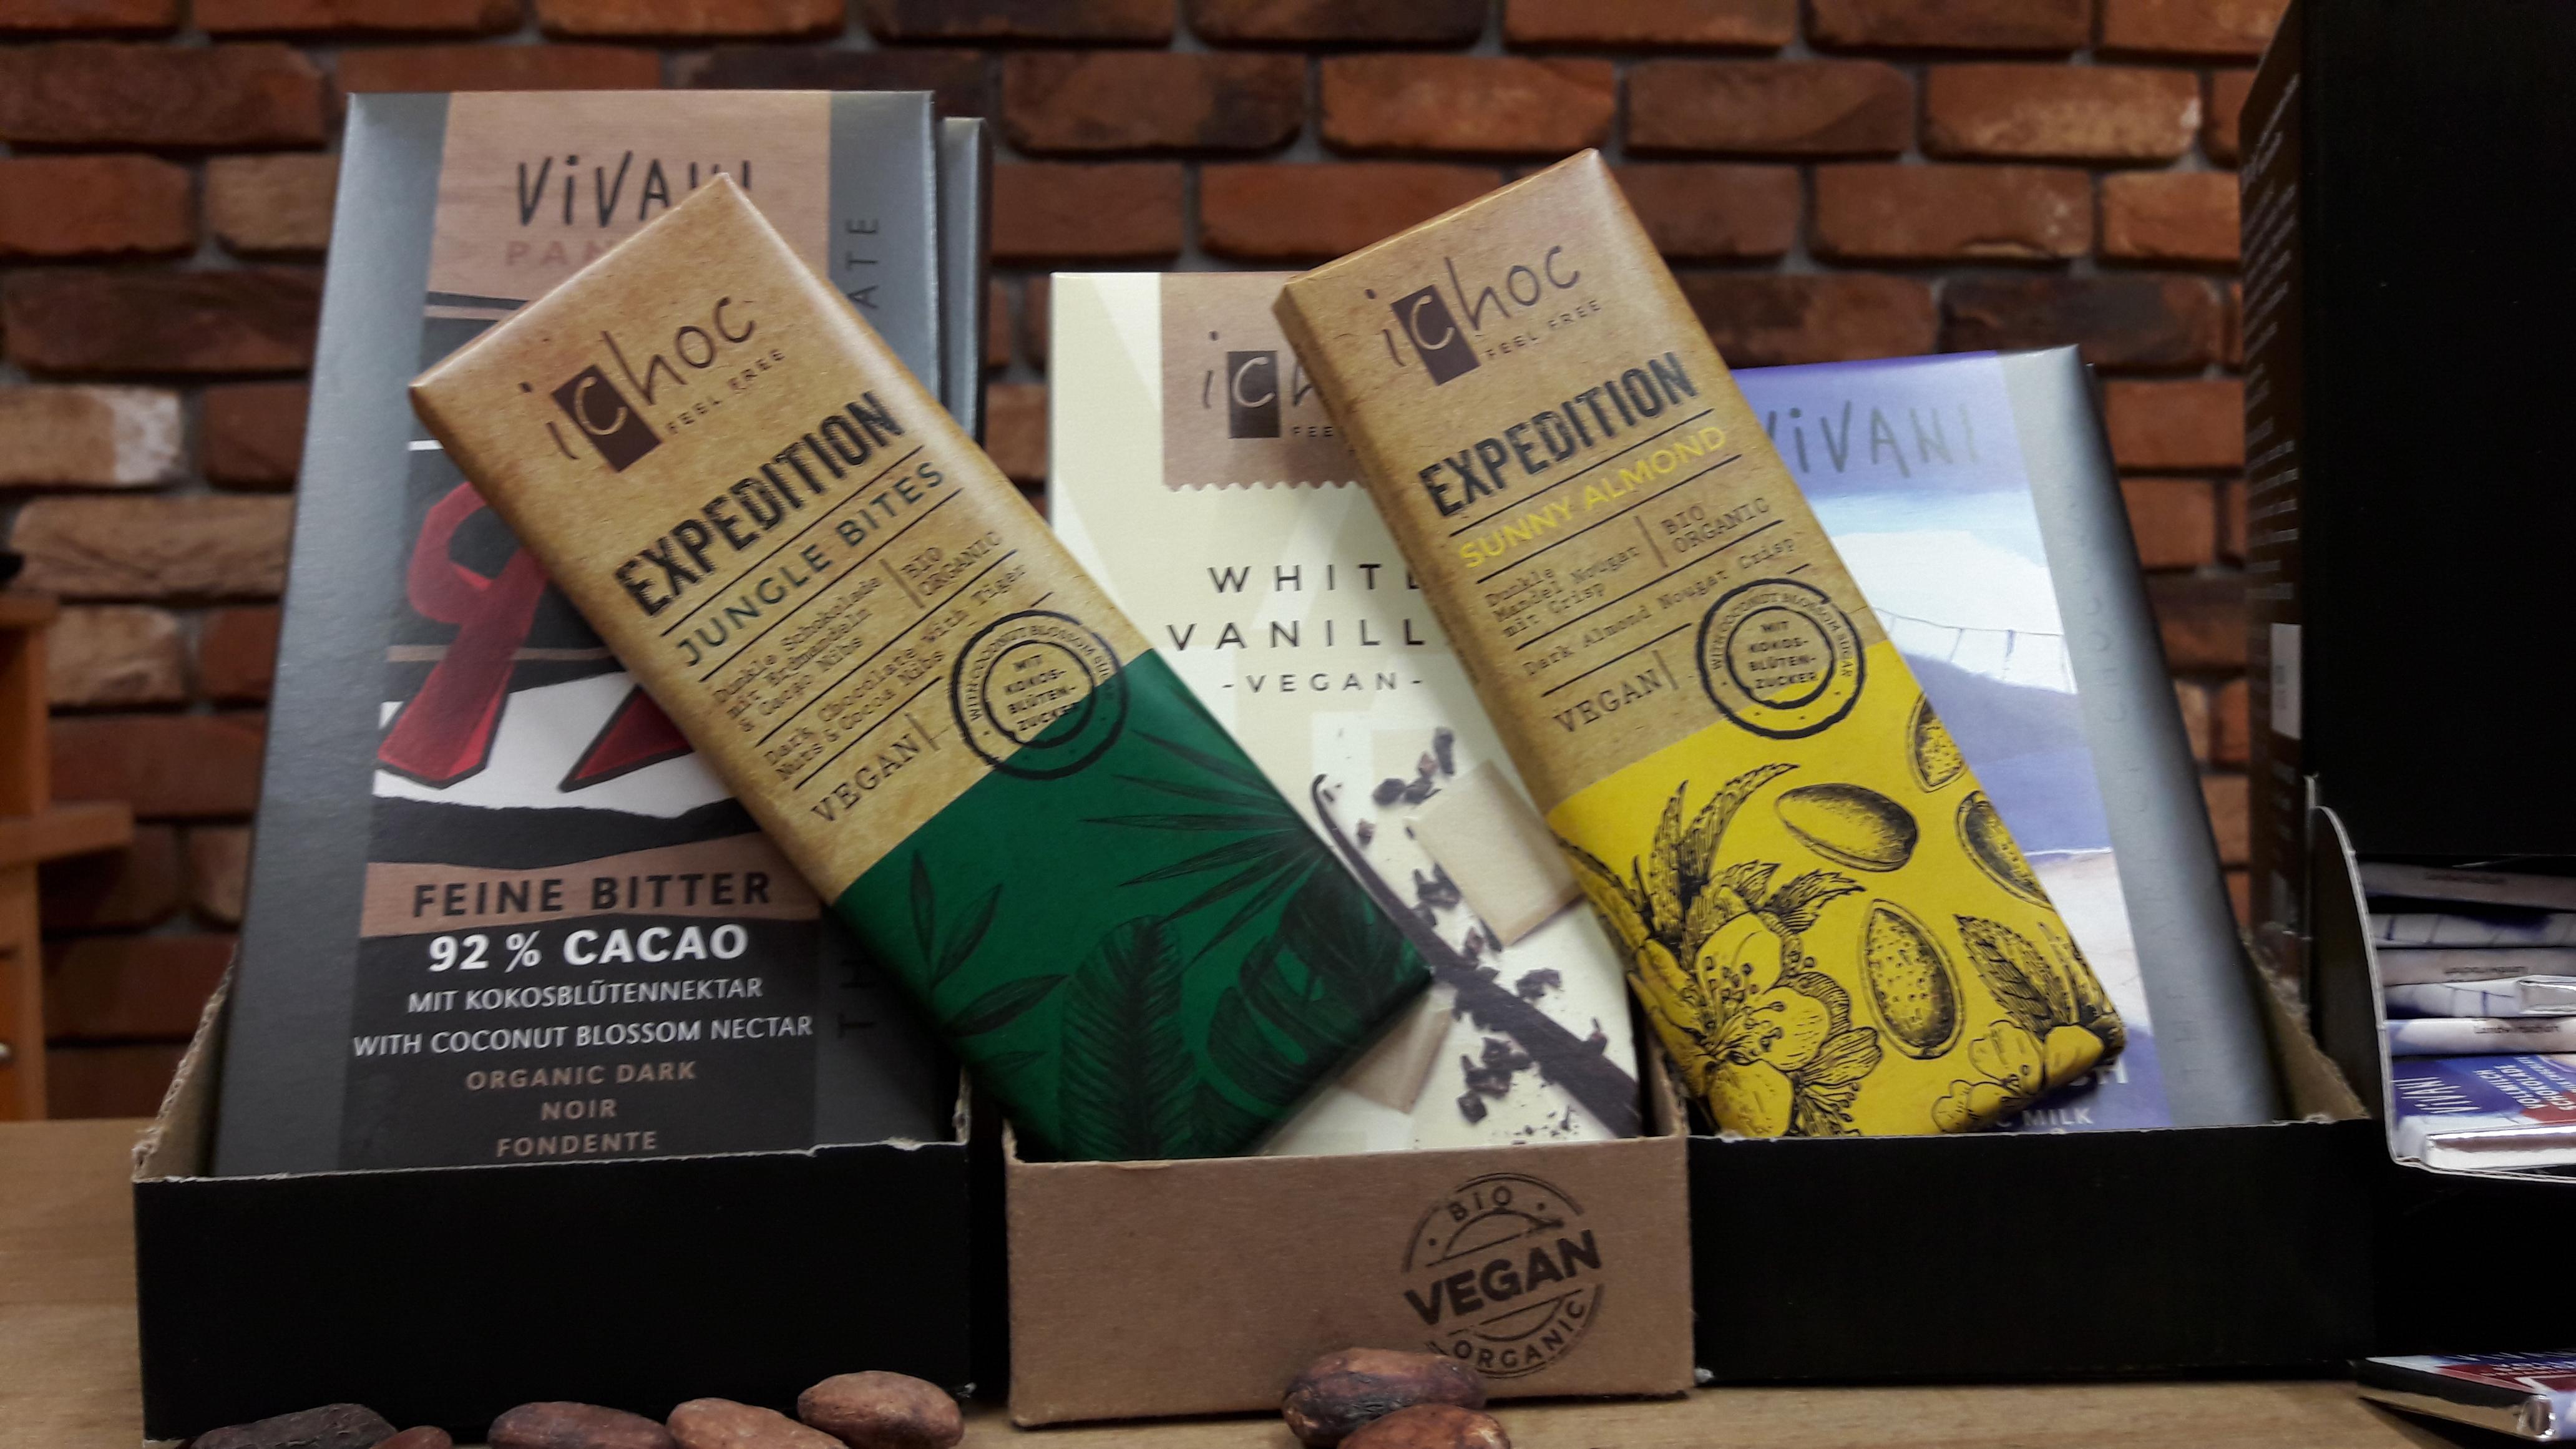 Schokolade macht glücklich! Vivani-Probieraktion am Samstag, den 18. Februar 2017